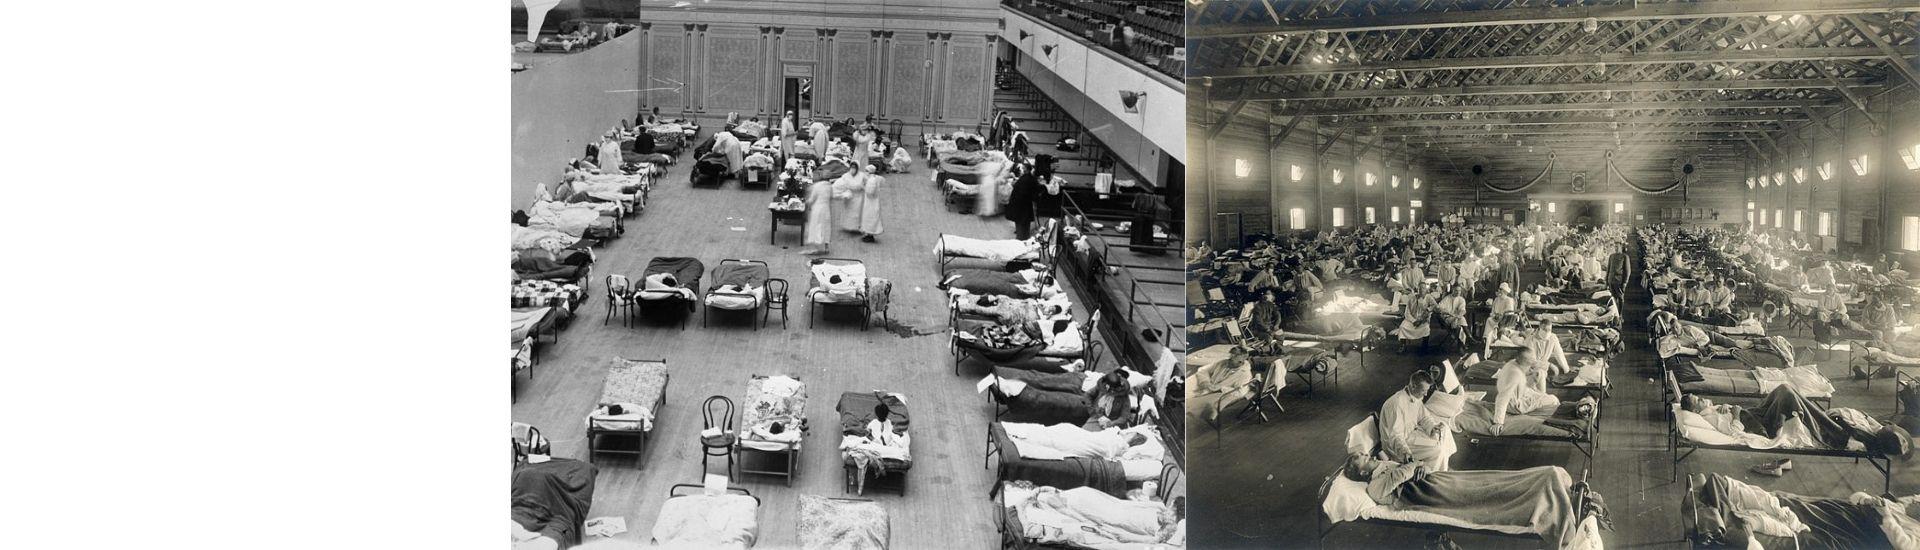 En la imagen se ven dos fotografías de la pandemia de 1918, a la izquierda se ve el auditorio municipal de Oakland y en la derecha se ve un hospital de Kansas en medio de la emergencia por el virus